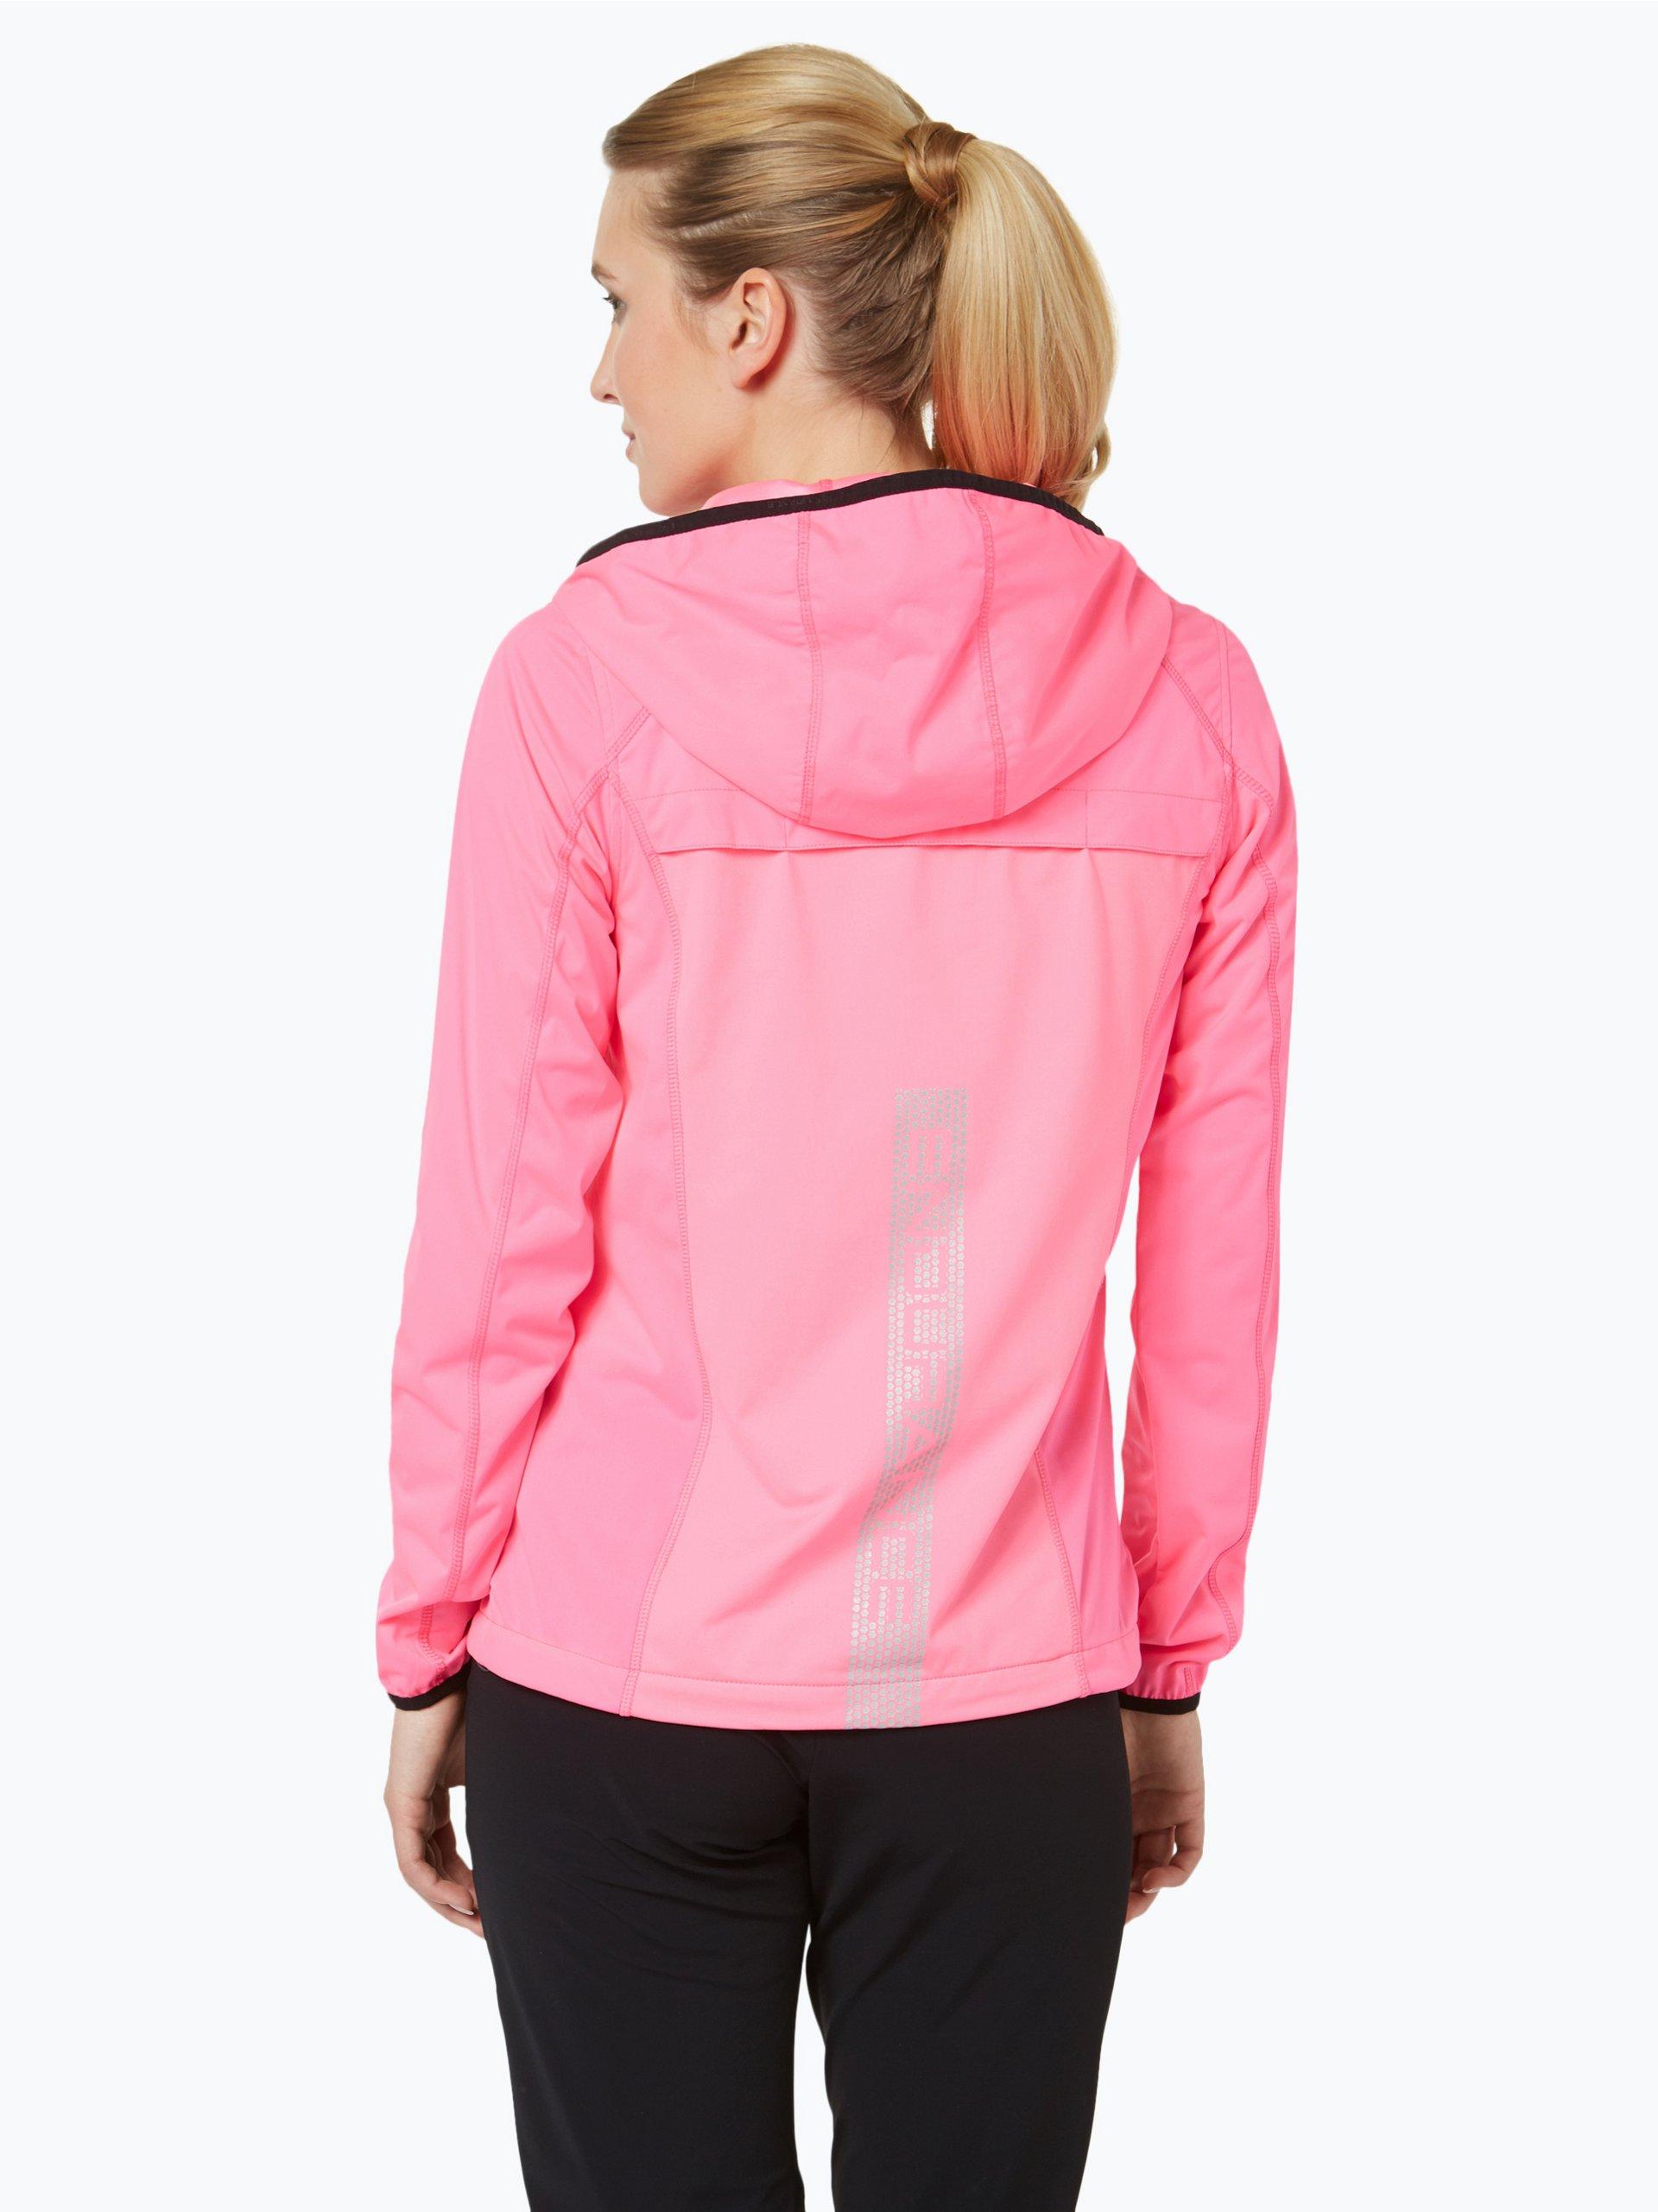 endurance damen sportswear jacke online kaufen vangraaf com. Black Bedroom Furniture Sets. Home Design Ideas